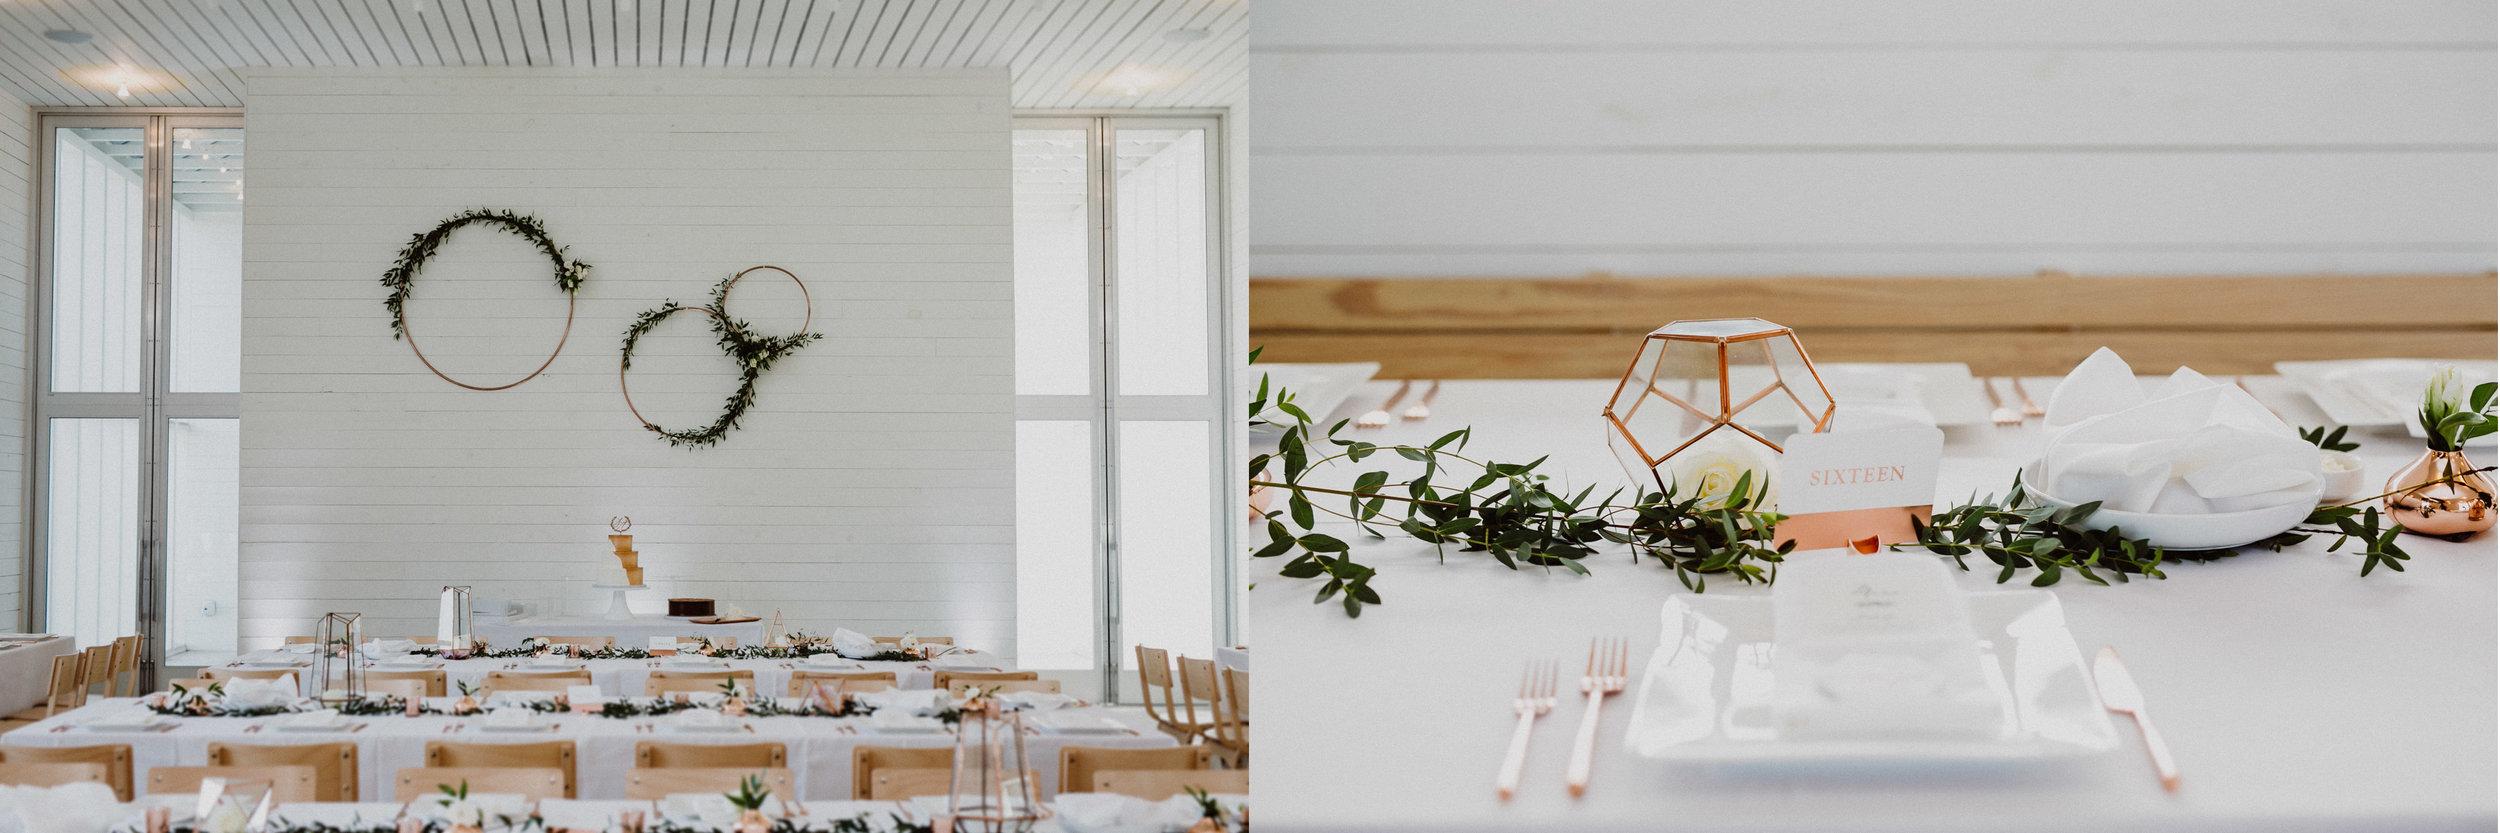 prospect-house-wedding-45jpg.jpg